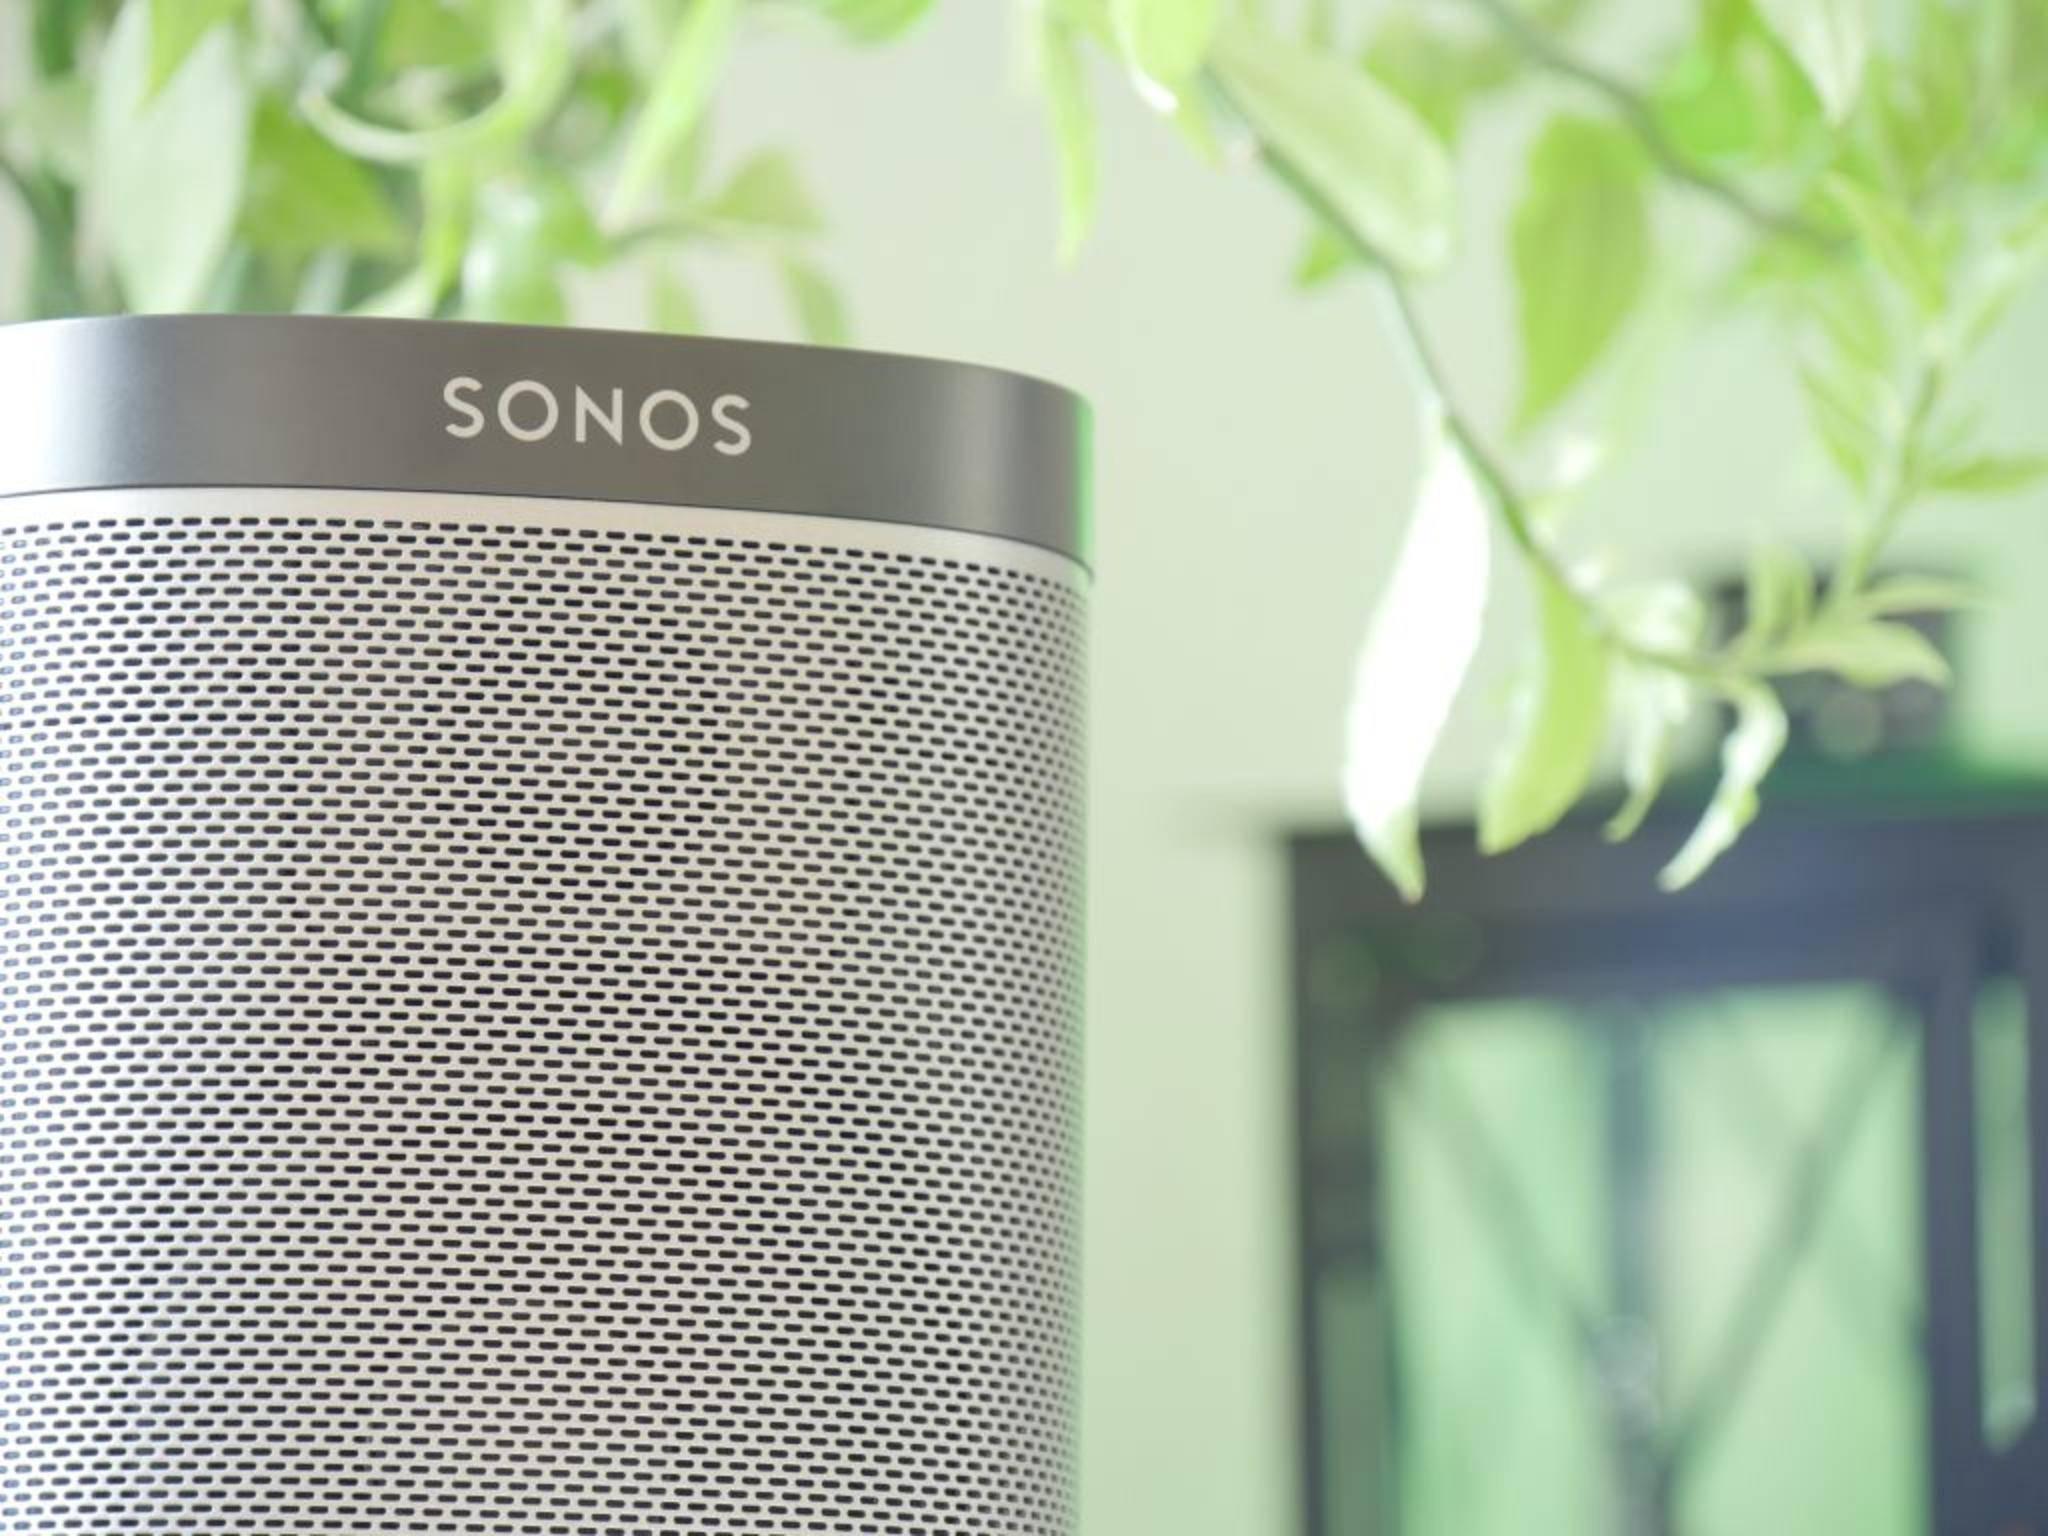 Sonos-Lautsprecher lassen sich mithilfe einer App auch mit der Apple Watch ansteuern.